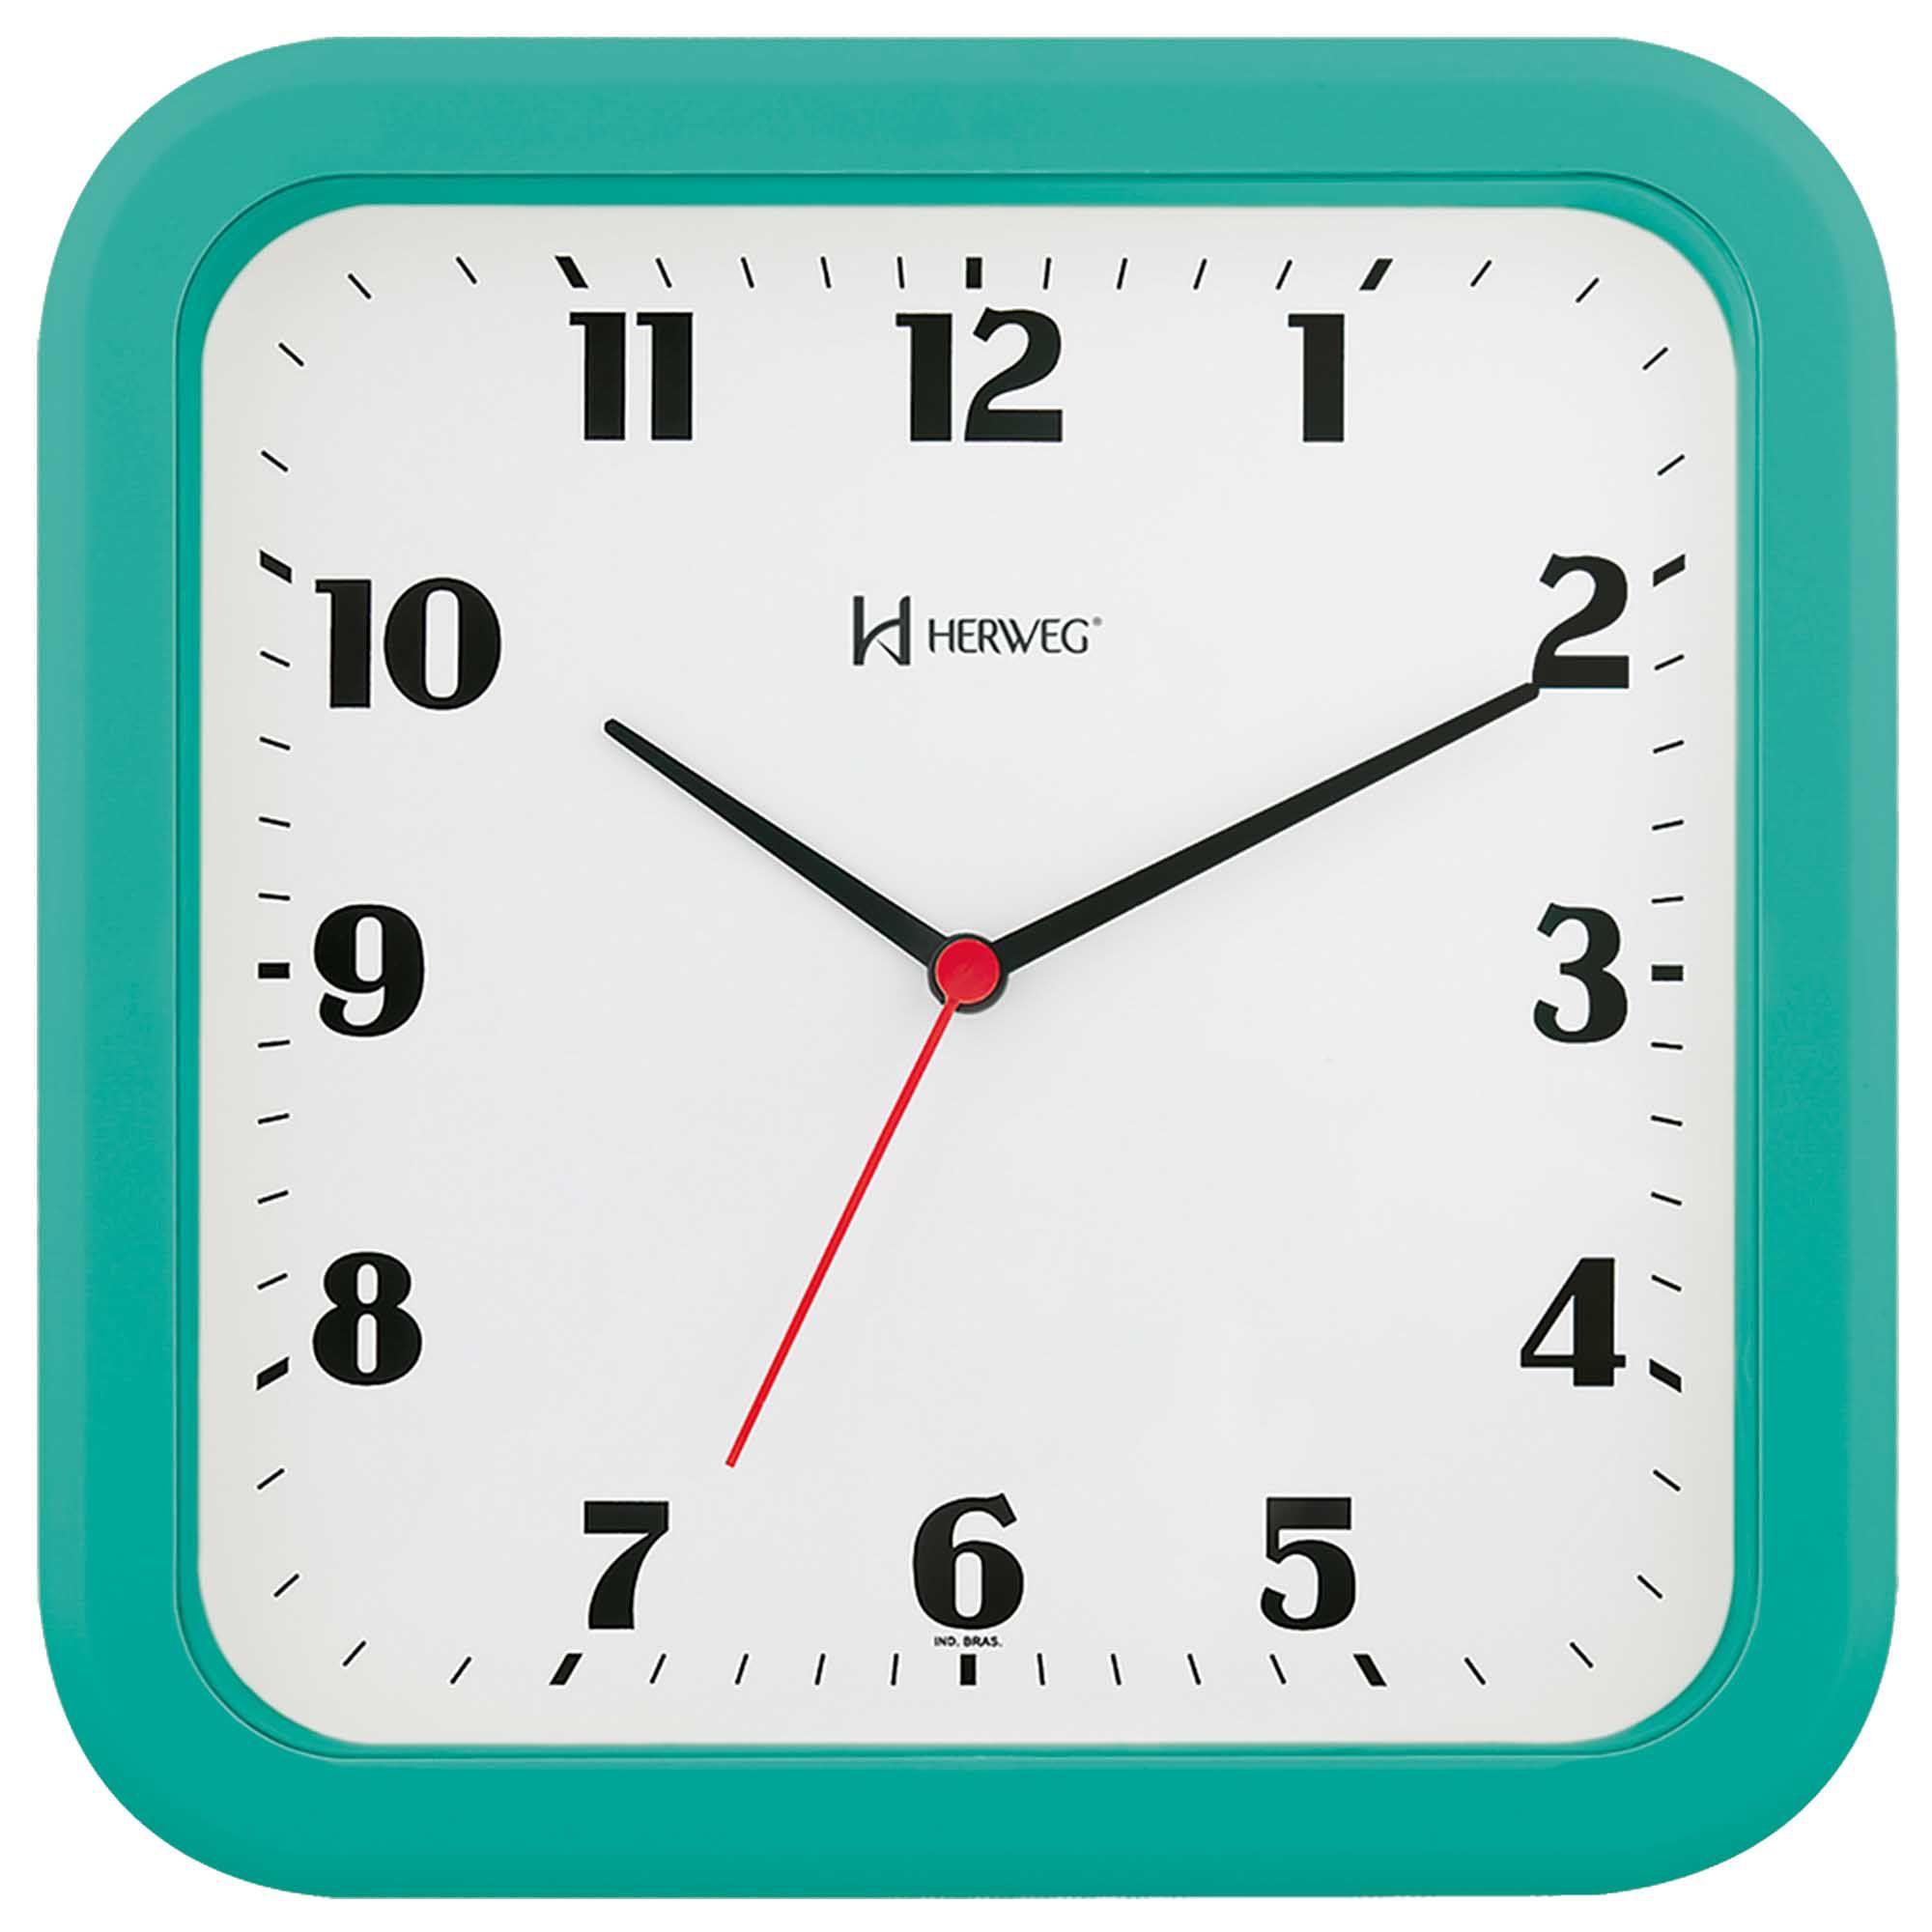 Relógio de Parede Analógico Herweg 6145 283 Menta